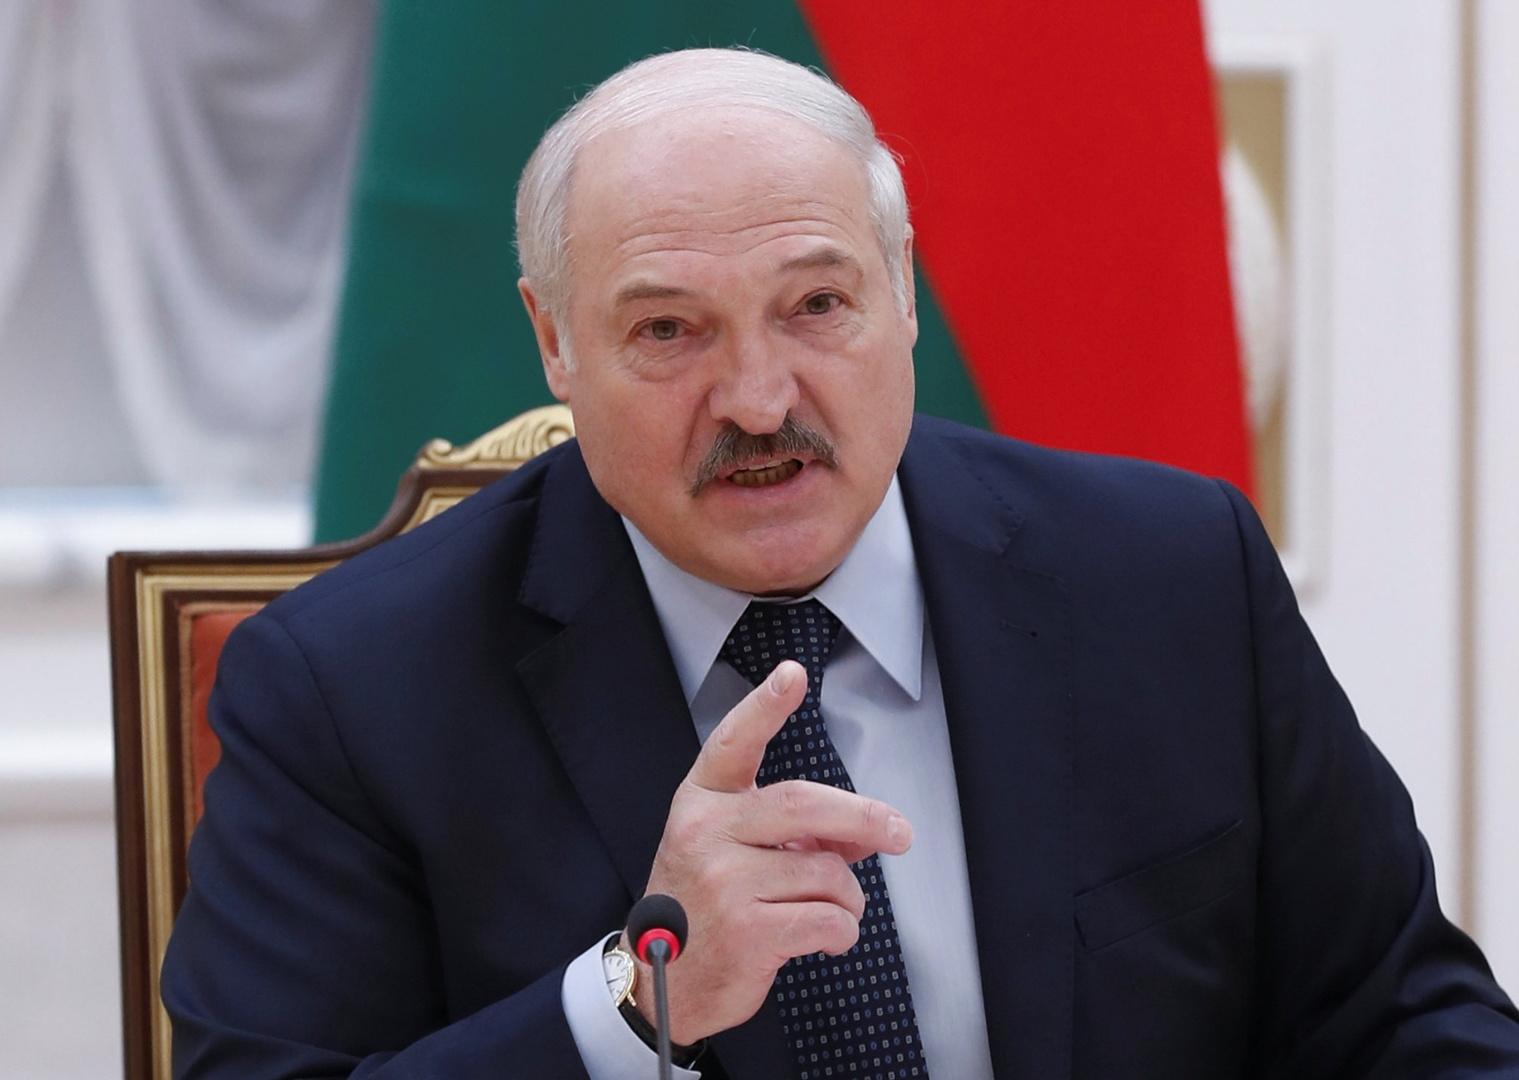 رئيس بيلاروس ألكسندر لوكاشينكو